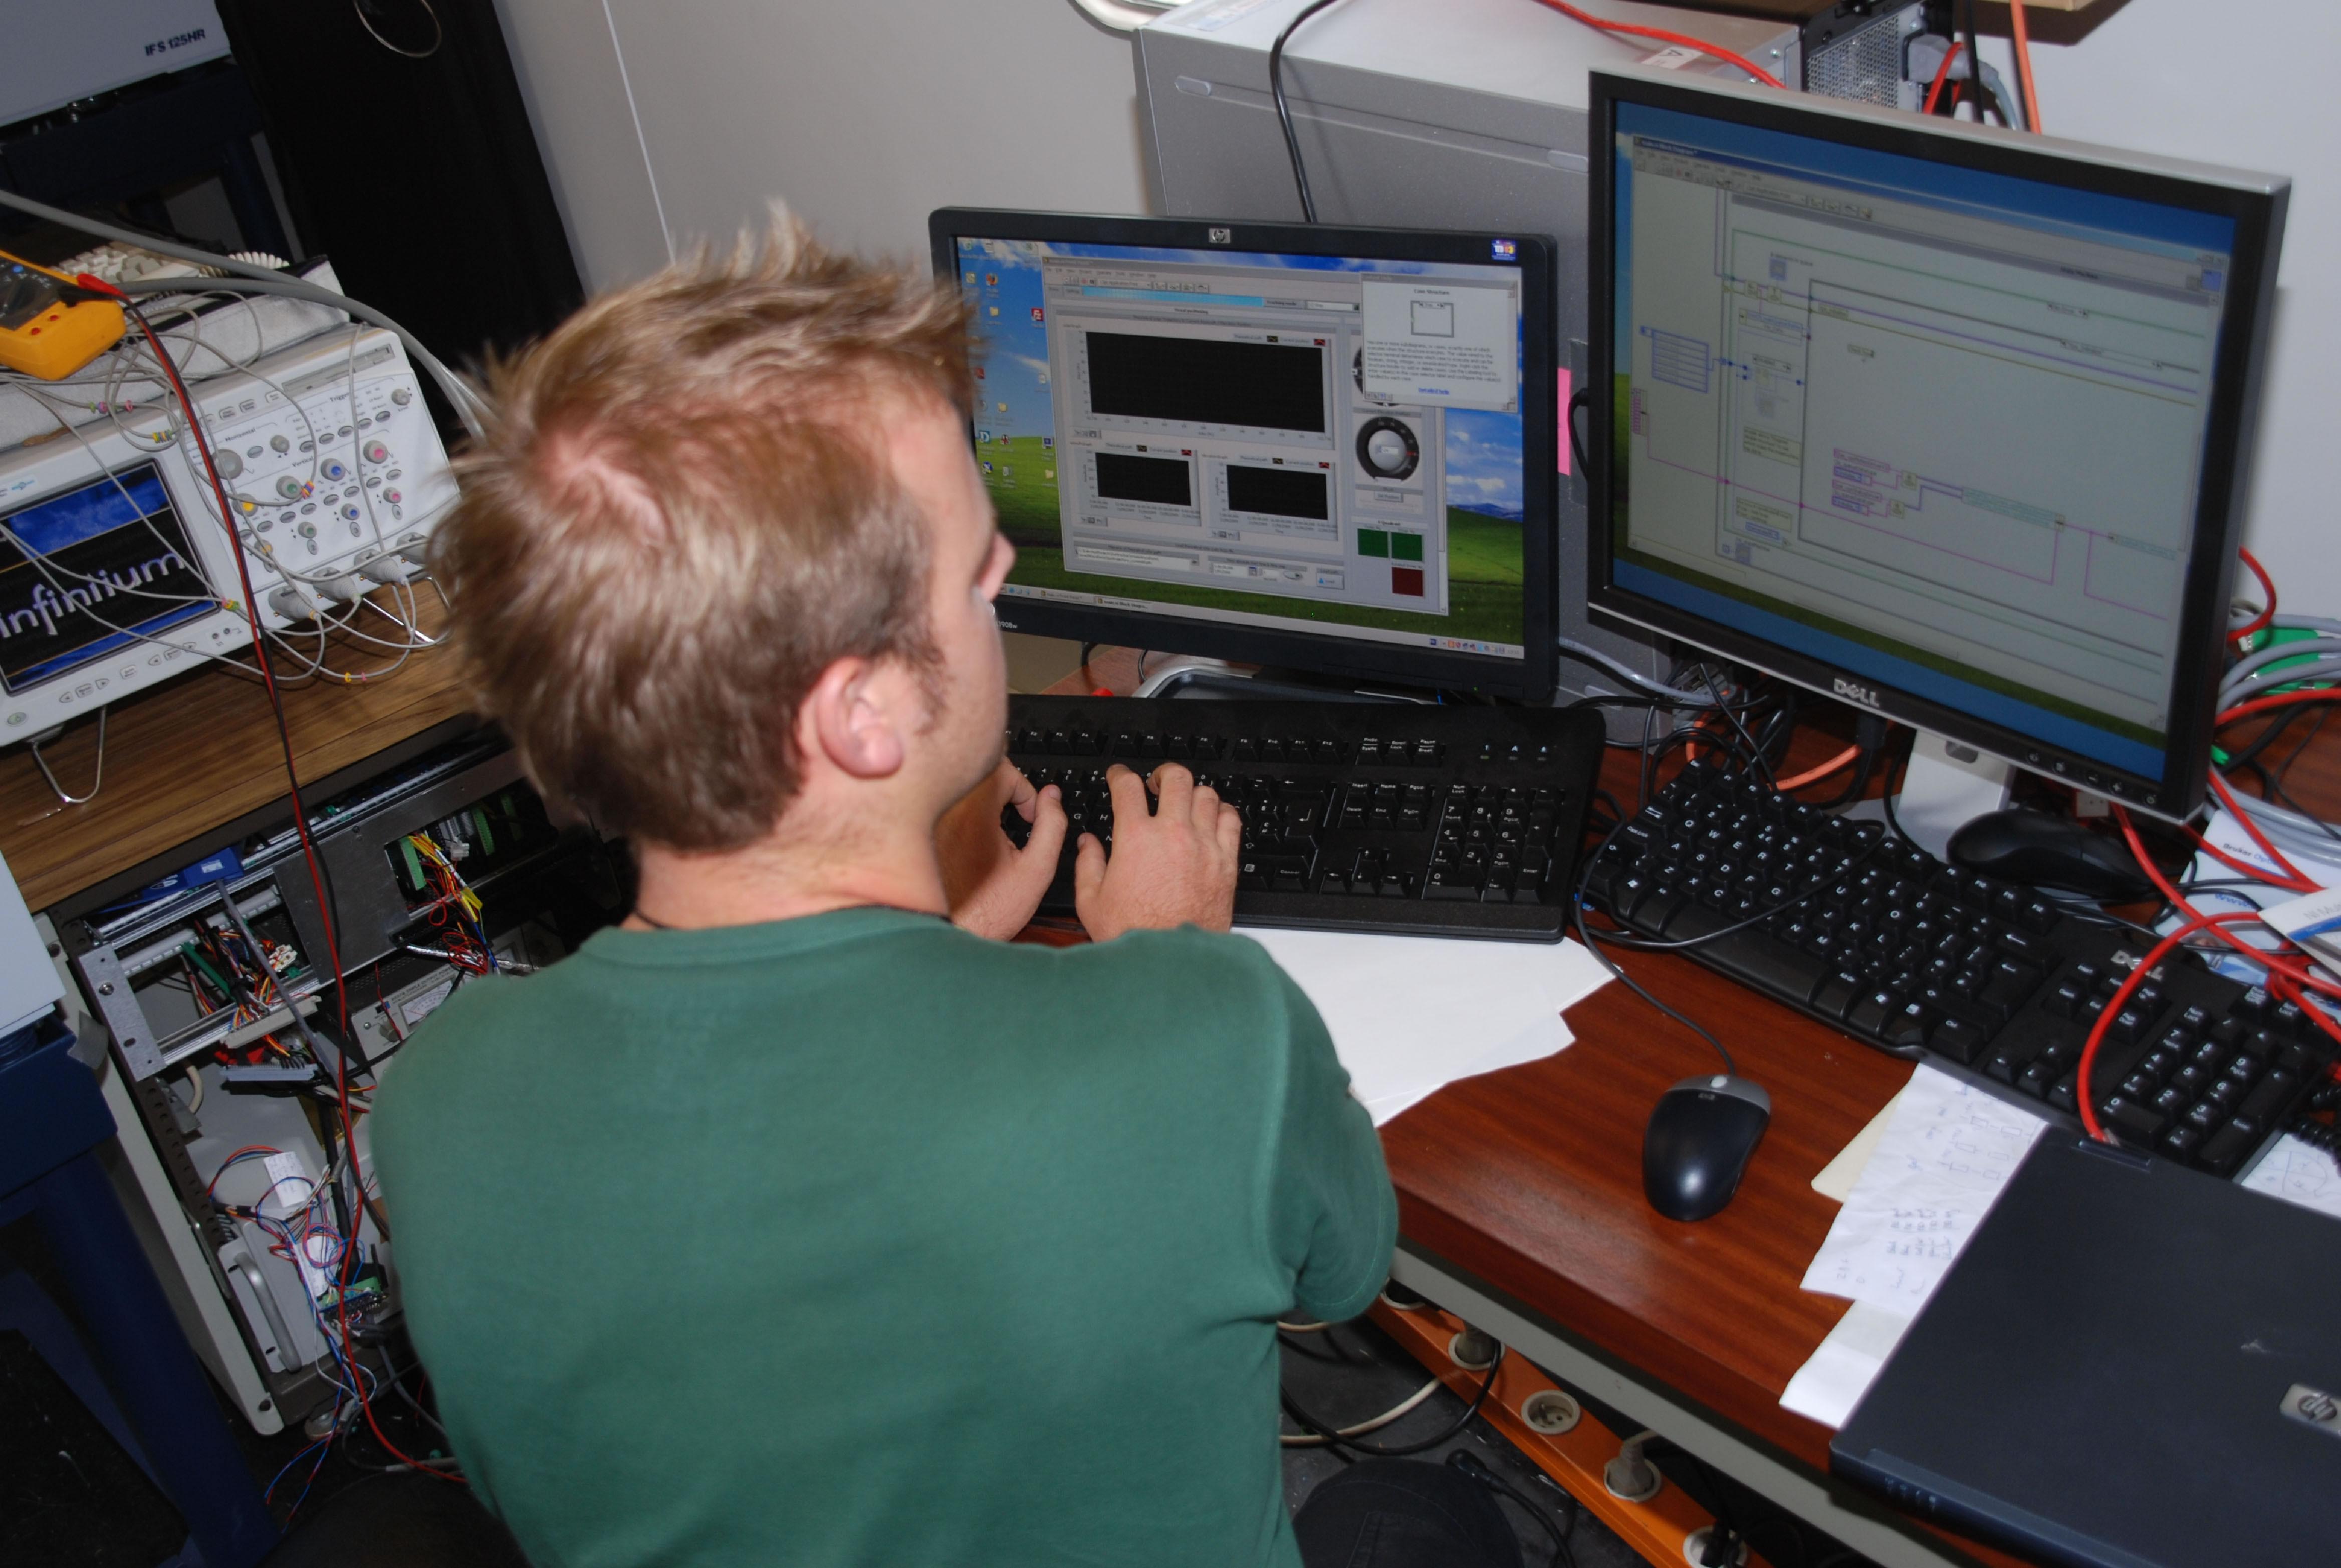 bira iasb engineering skills skills skills skills